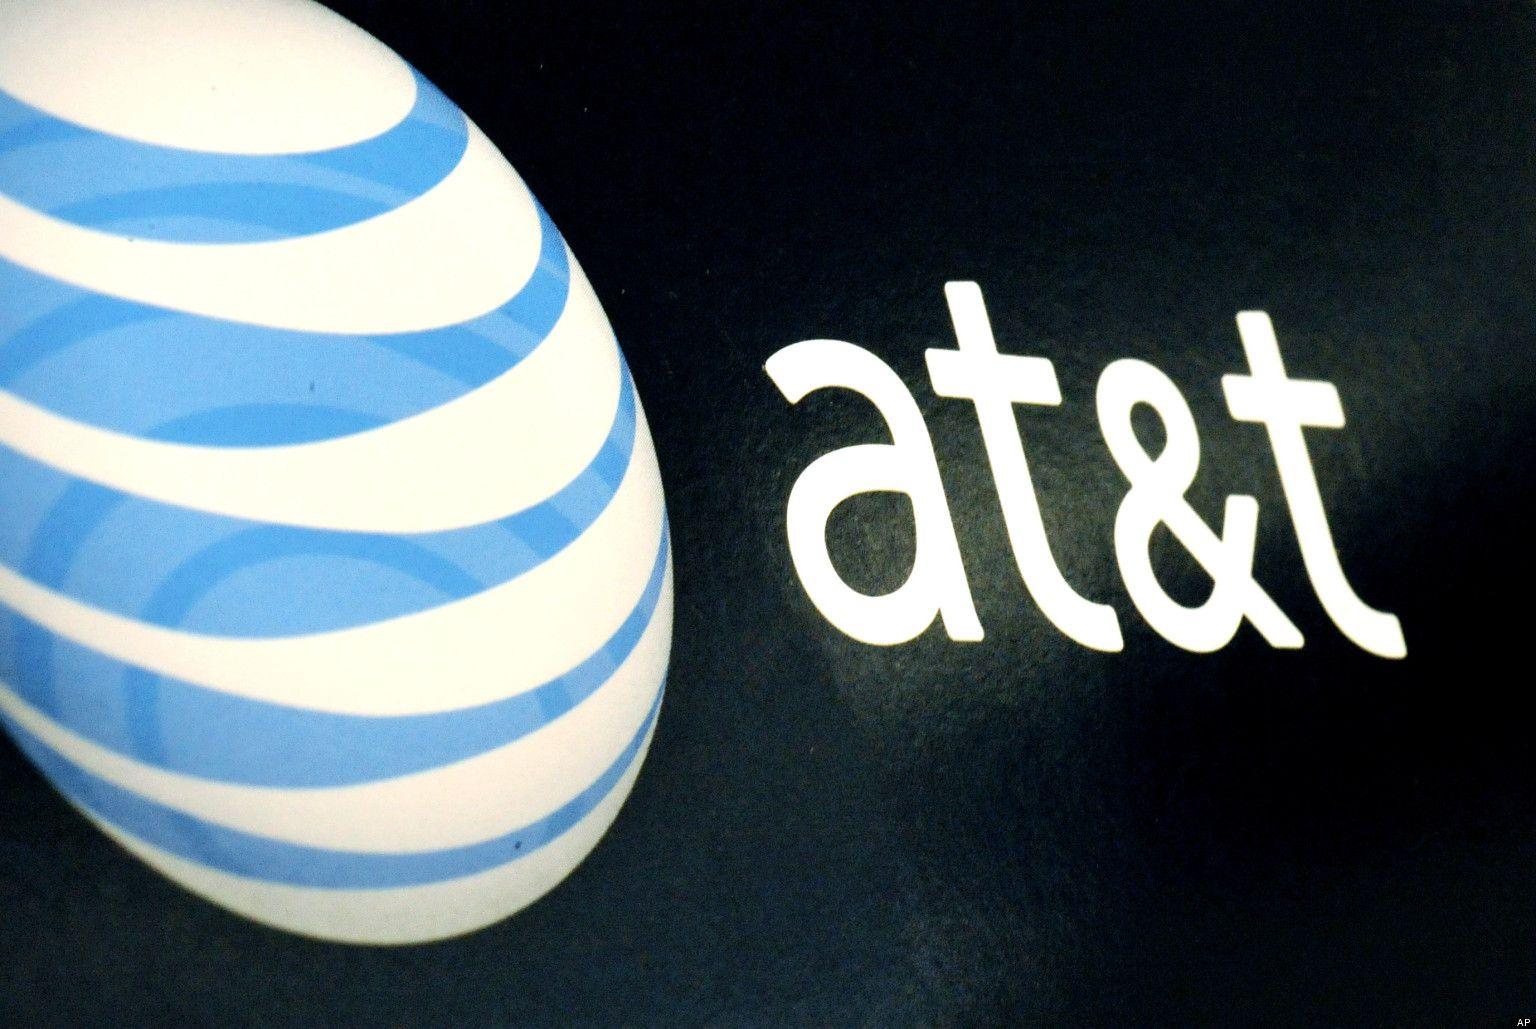 Μεγάλη συμφωνία εξαγοράς αλλάζει τις τηλεπικοινωνίες